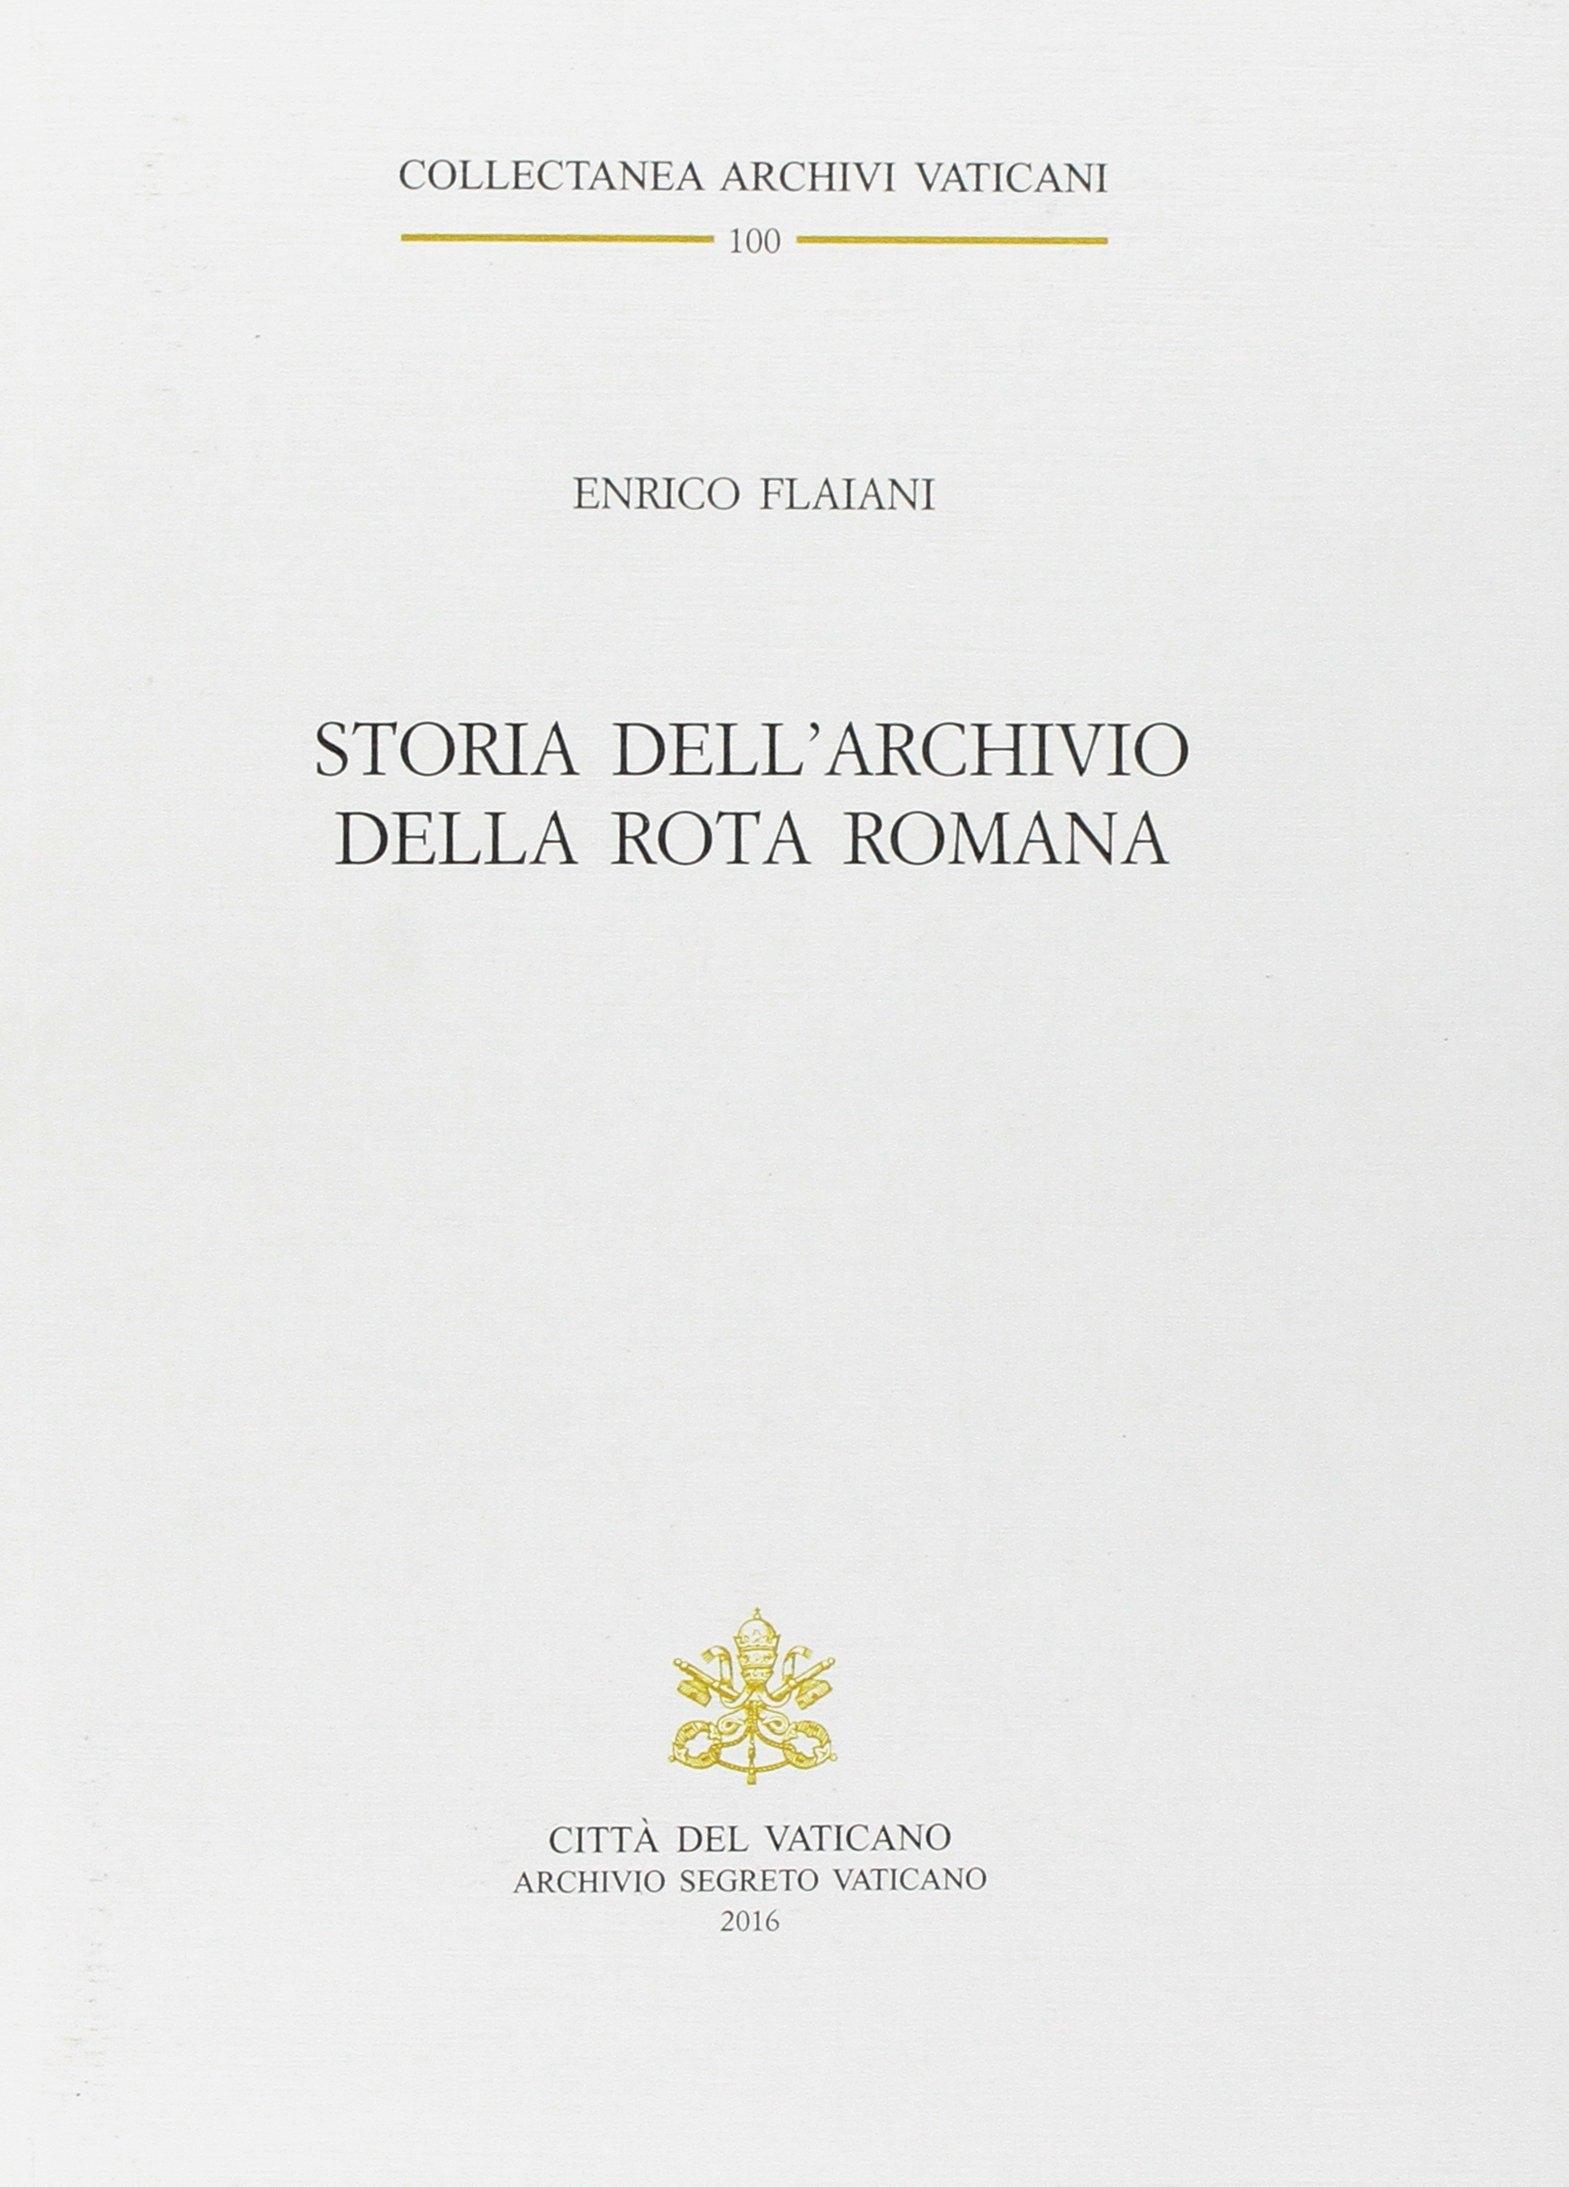 Storia dell'Archivio della Rota Romana.